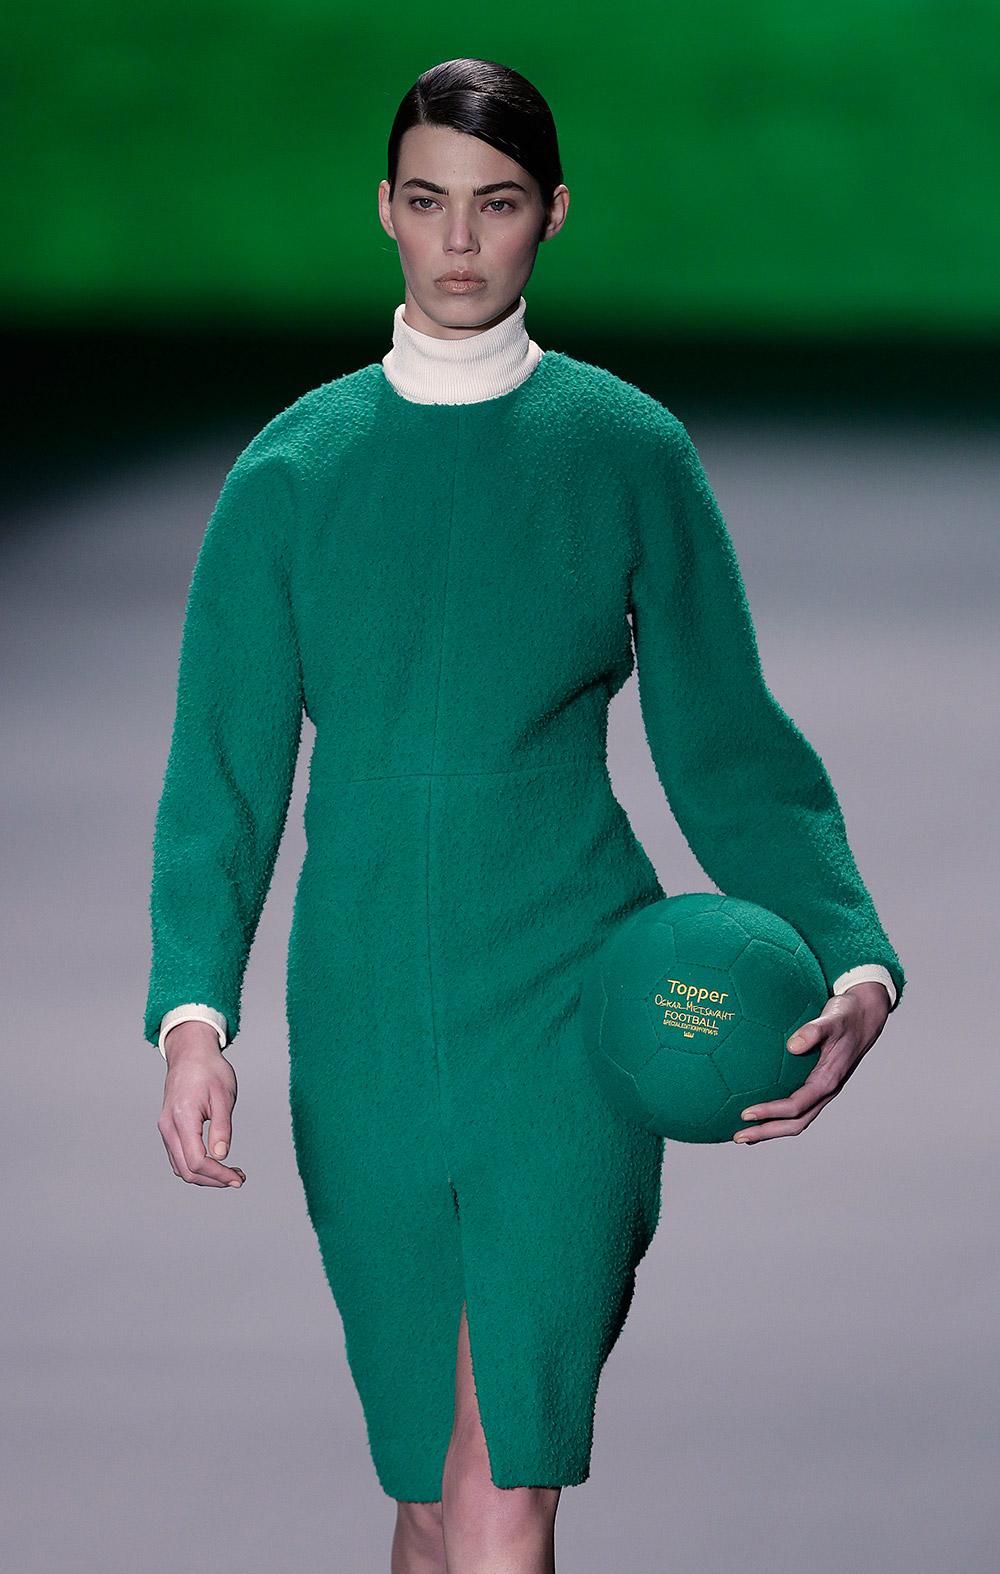 ब्राजील के साउ पाउलो फैशन वीक में हरे लिबास में कैटवाक करती एक मॉडल।